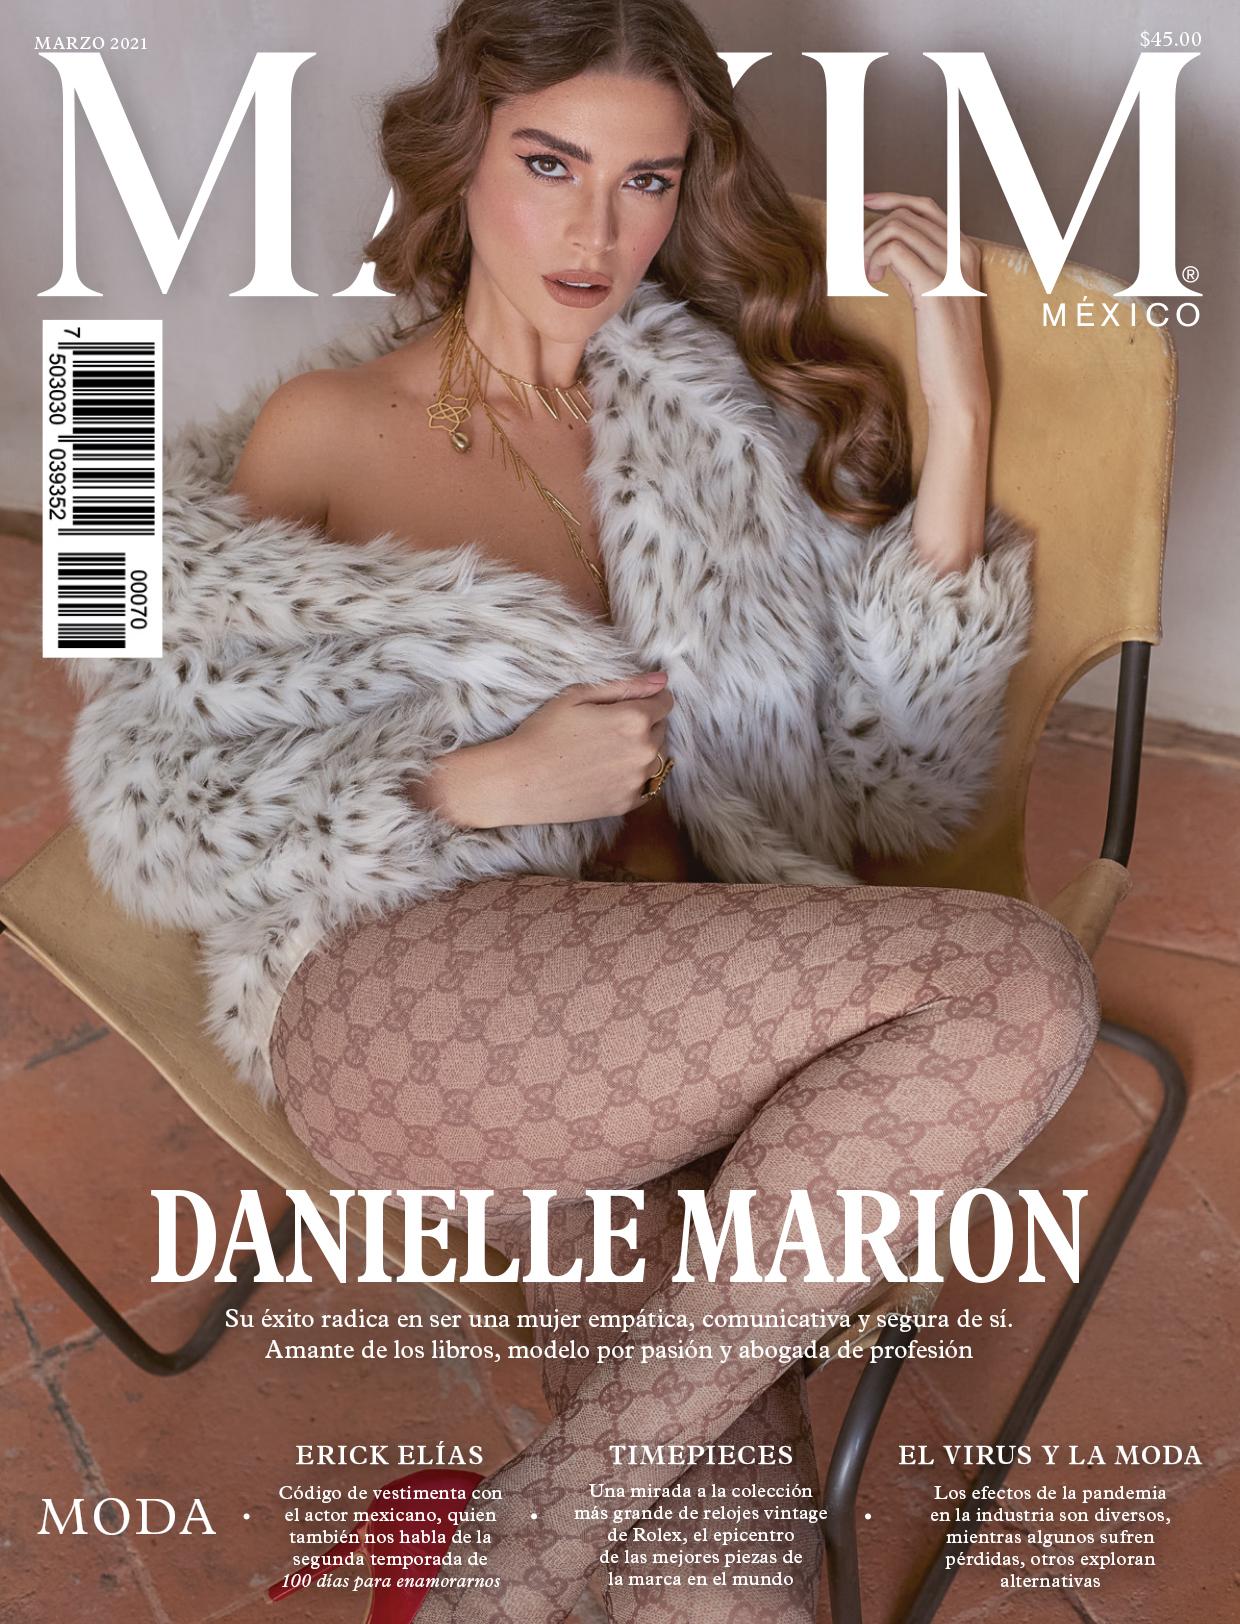 Danielle Marion, romper con el estandar